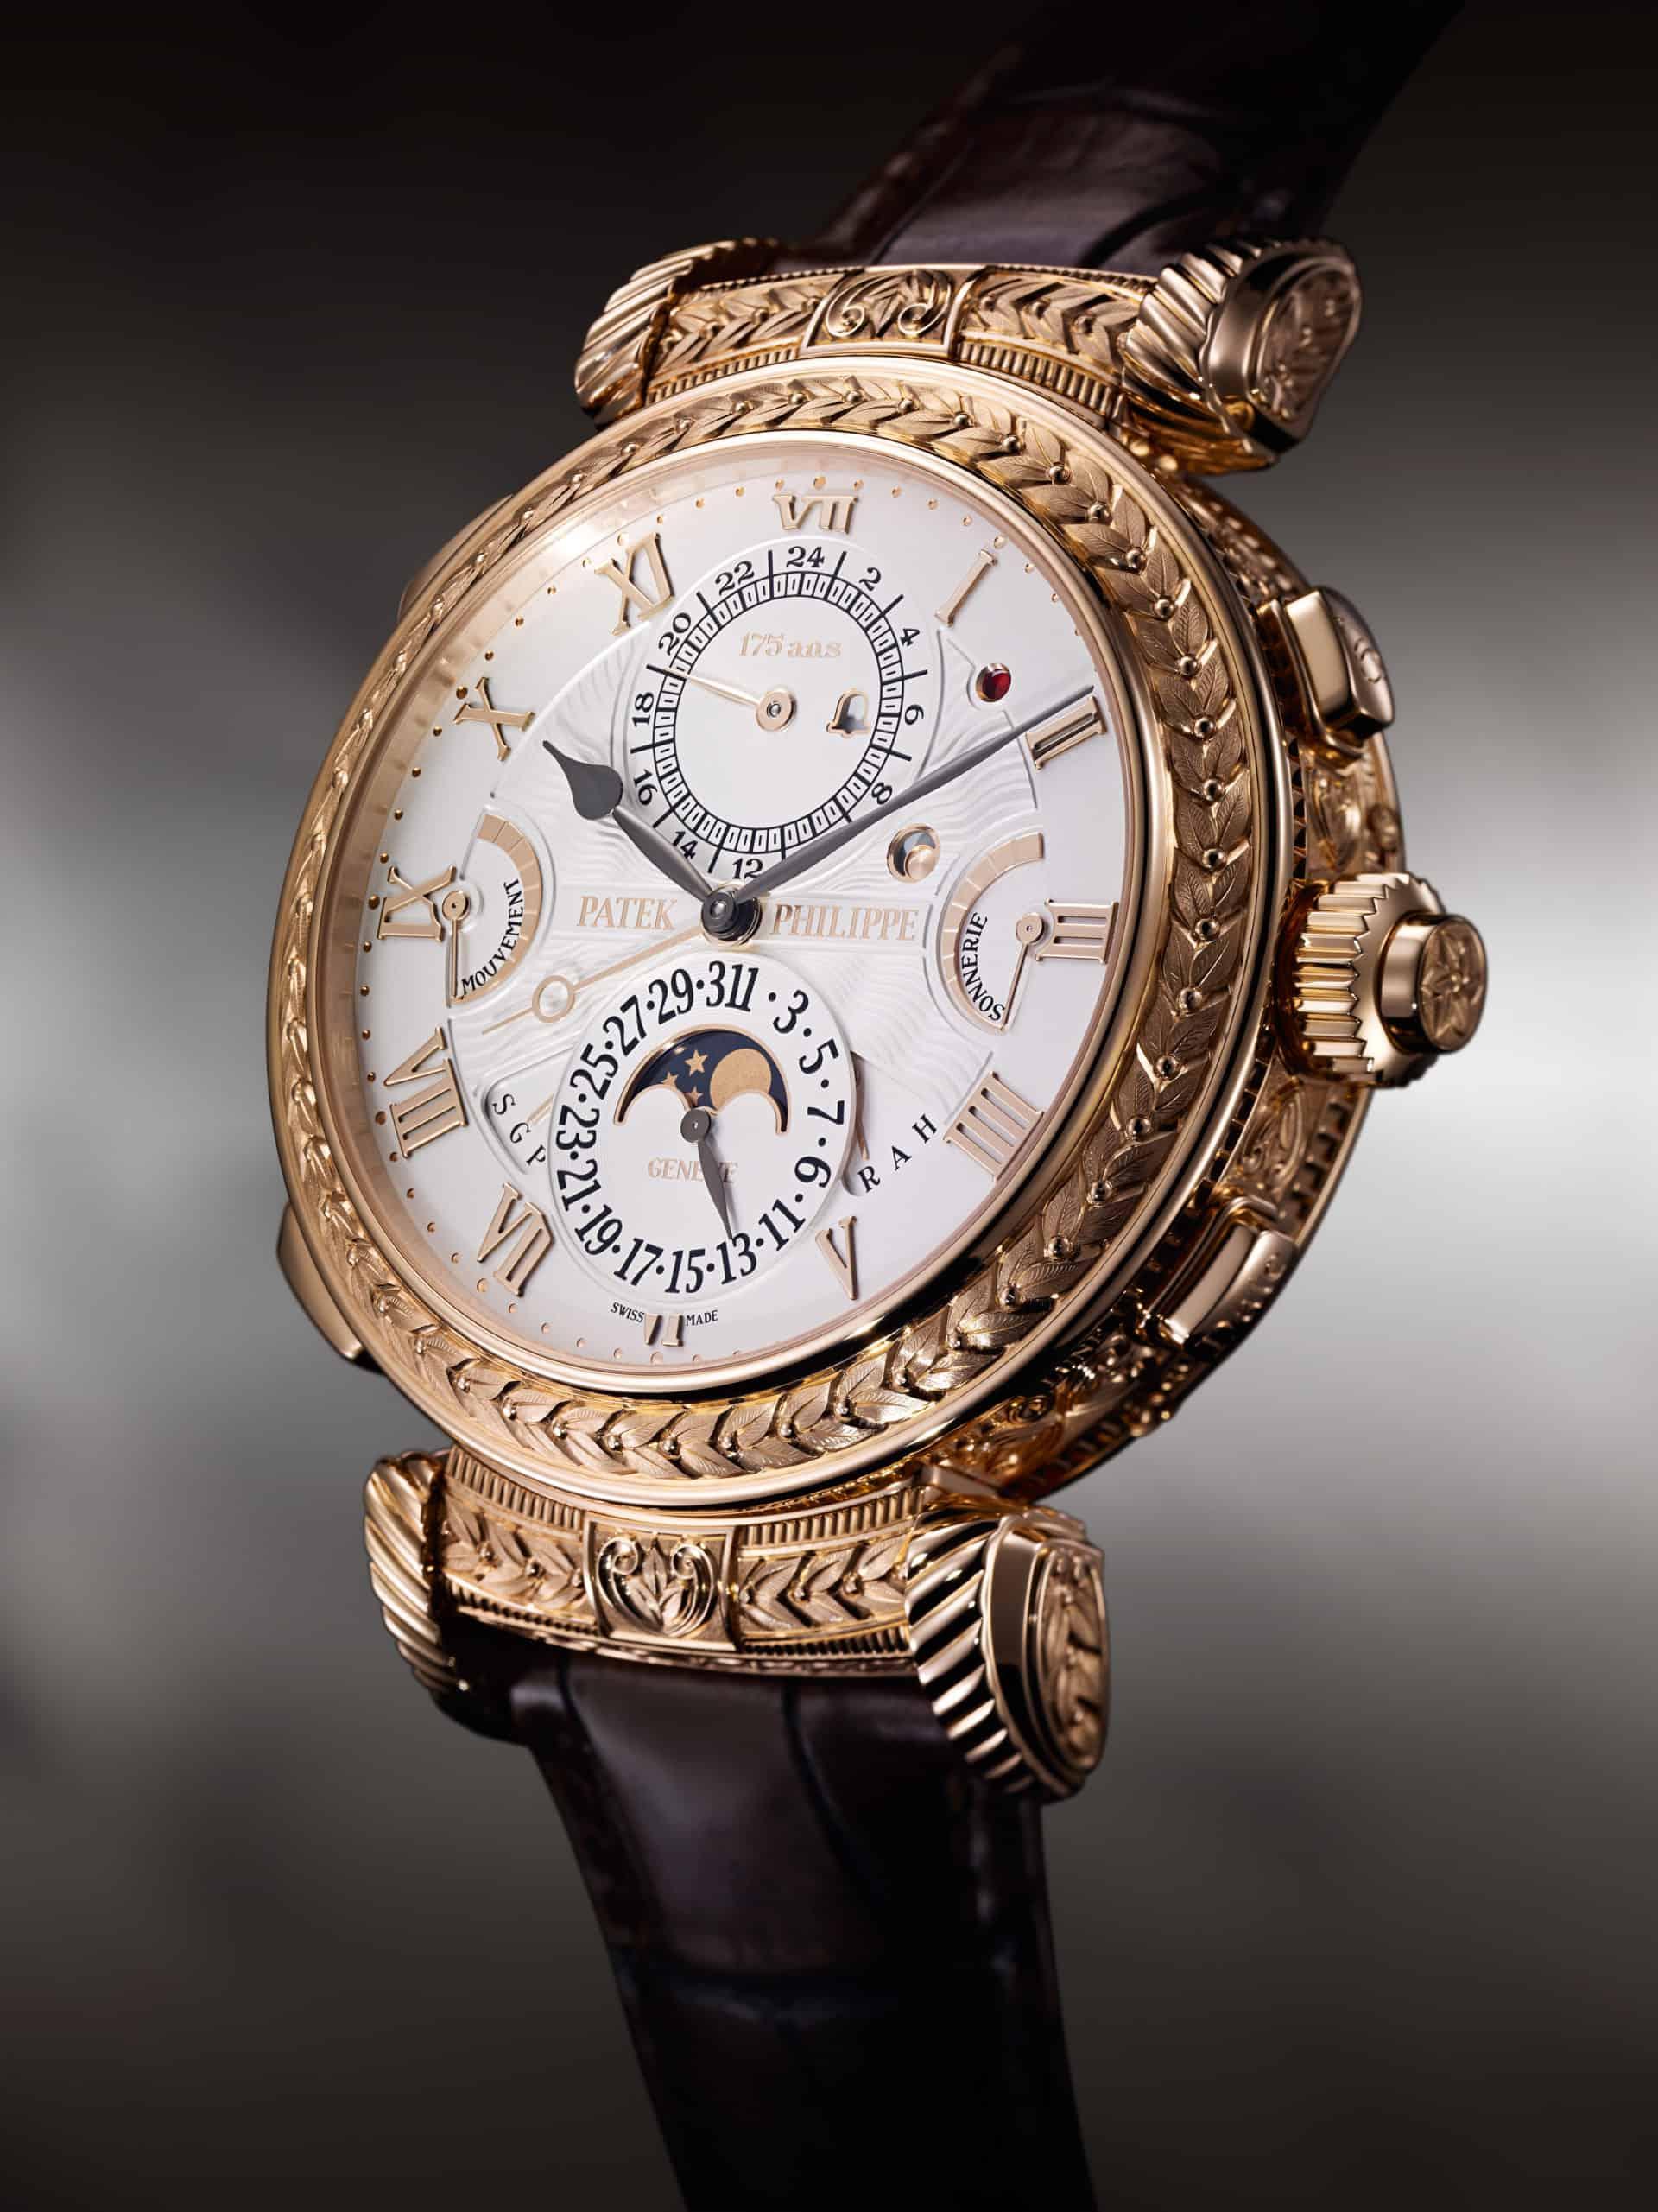 Diese Uhr soll zeigen, was in der Uhrmacherei möglich ist - wenn man Patek Philippe heisst!